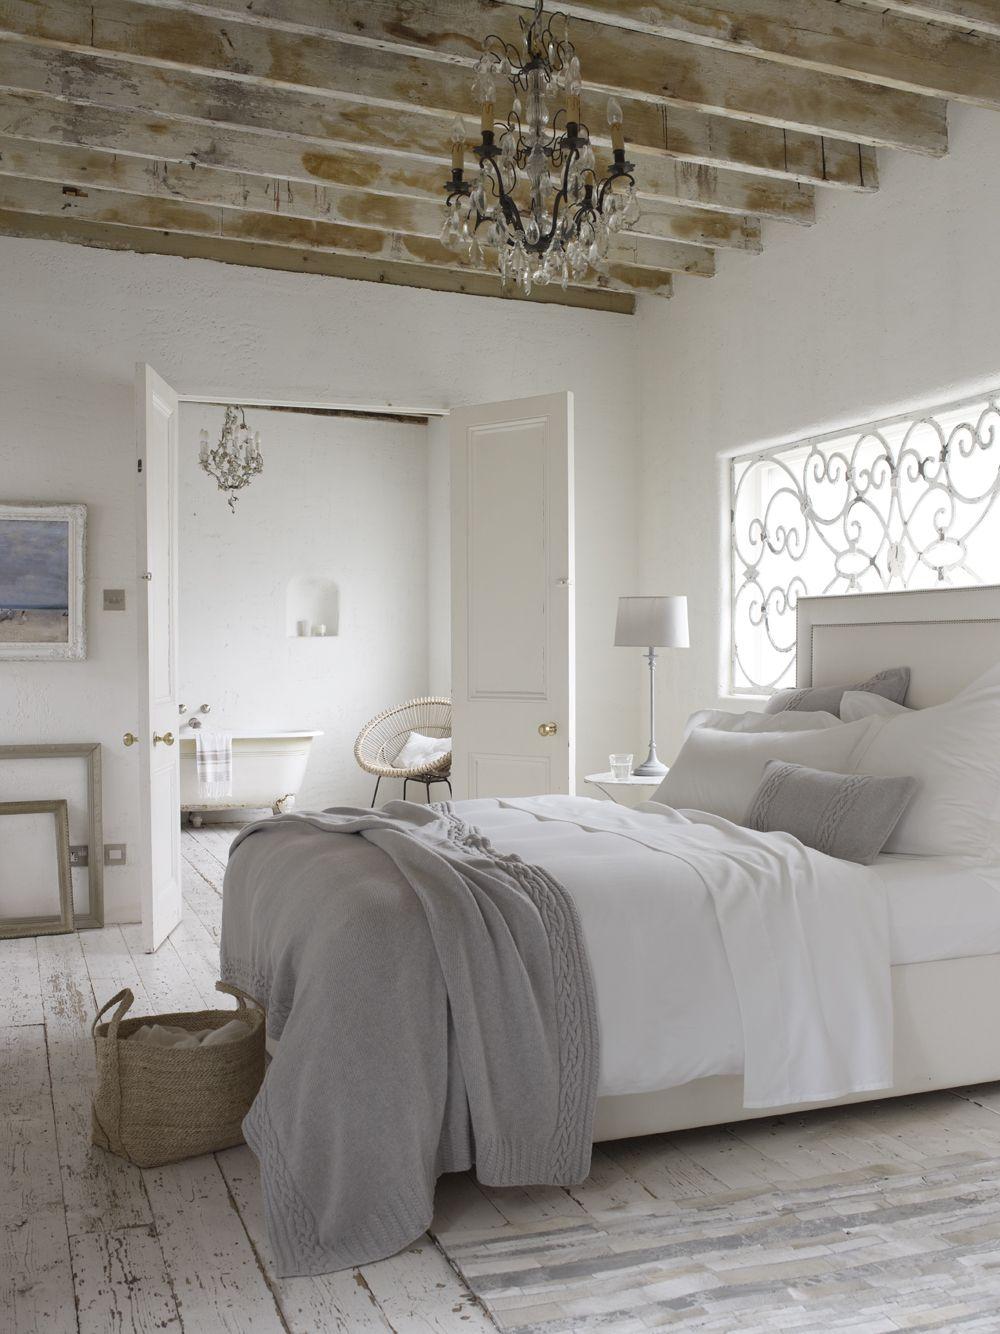 Rustic White Bedroom Suite With Pretty Grey Bedlinen Baskets And Chandelier Home Bedroom Bedroom Inspirations Chic Bedroom